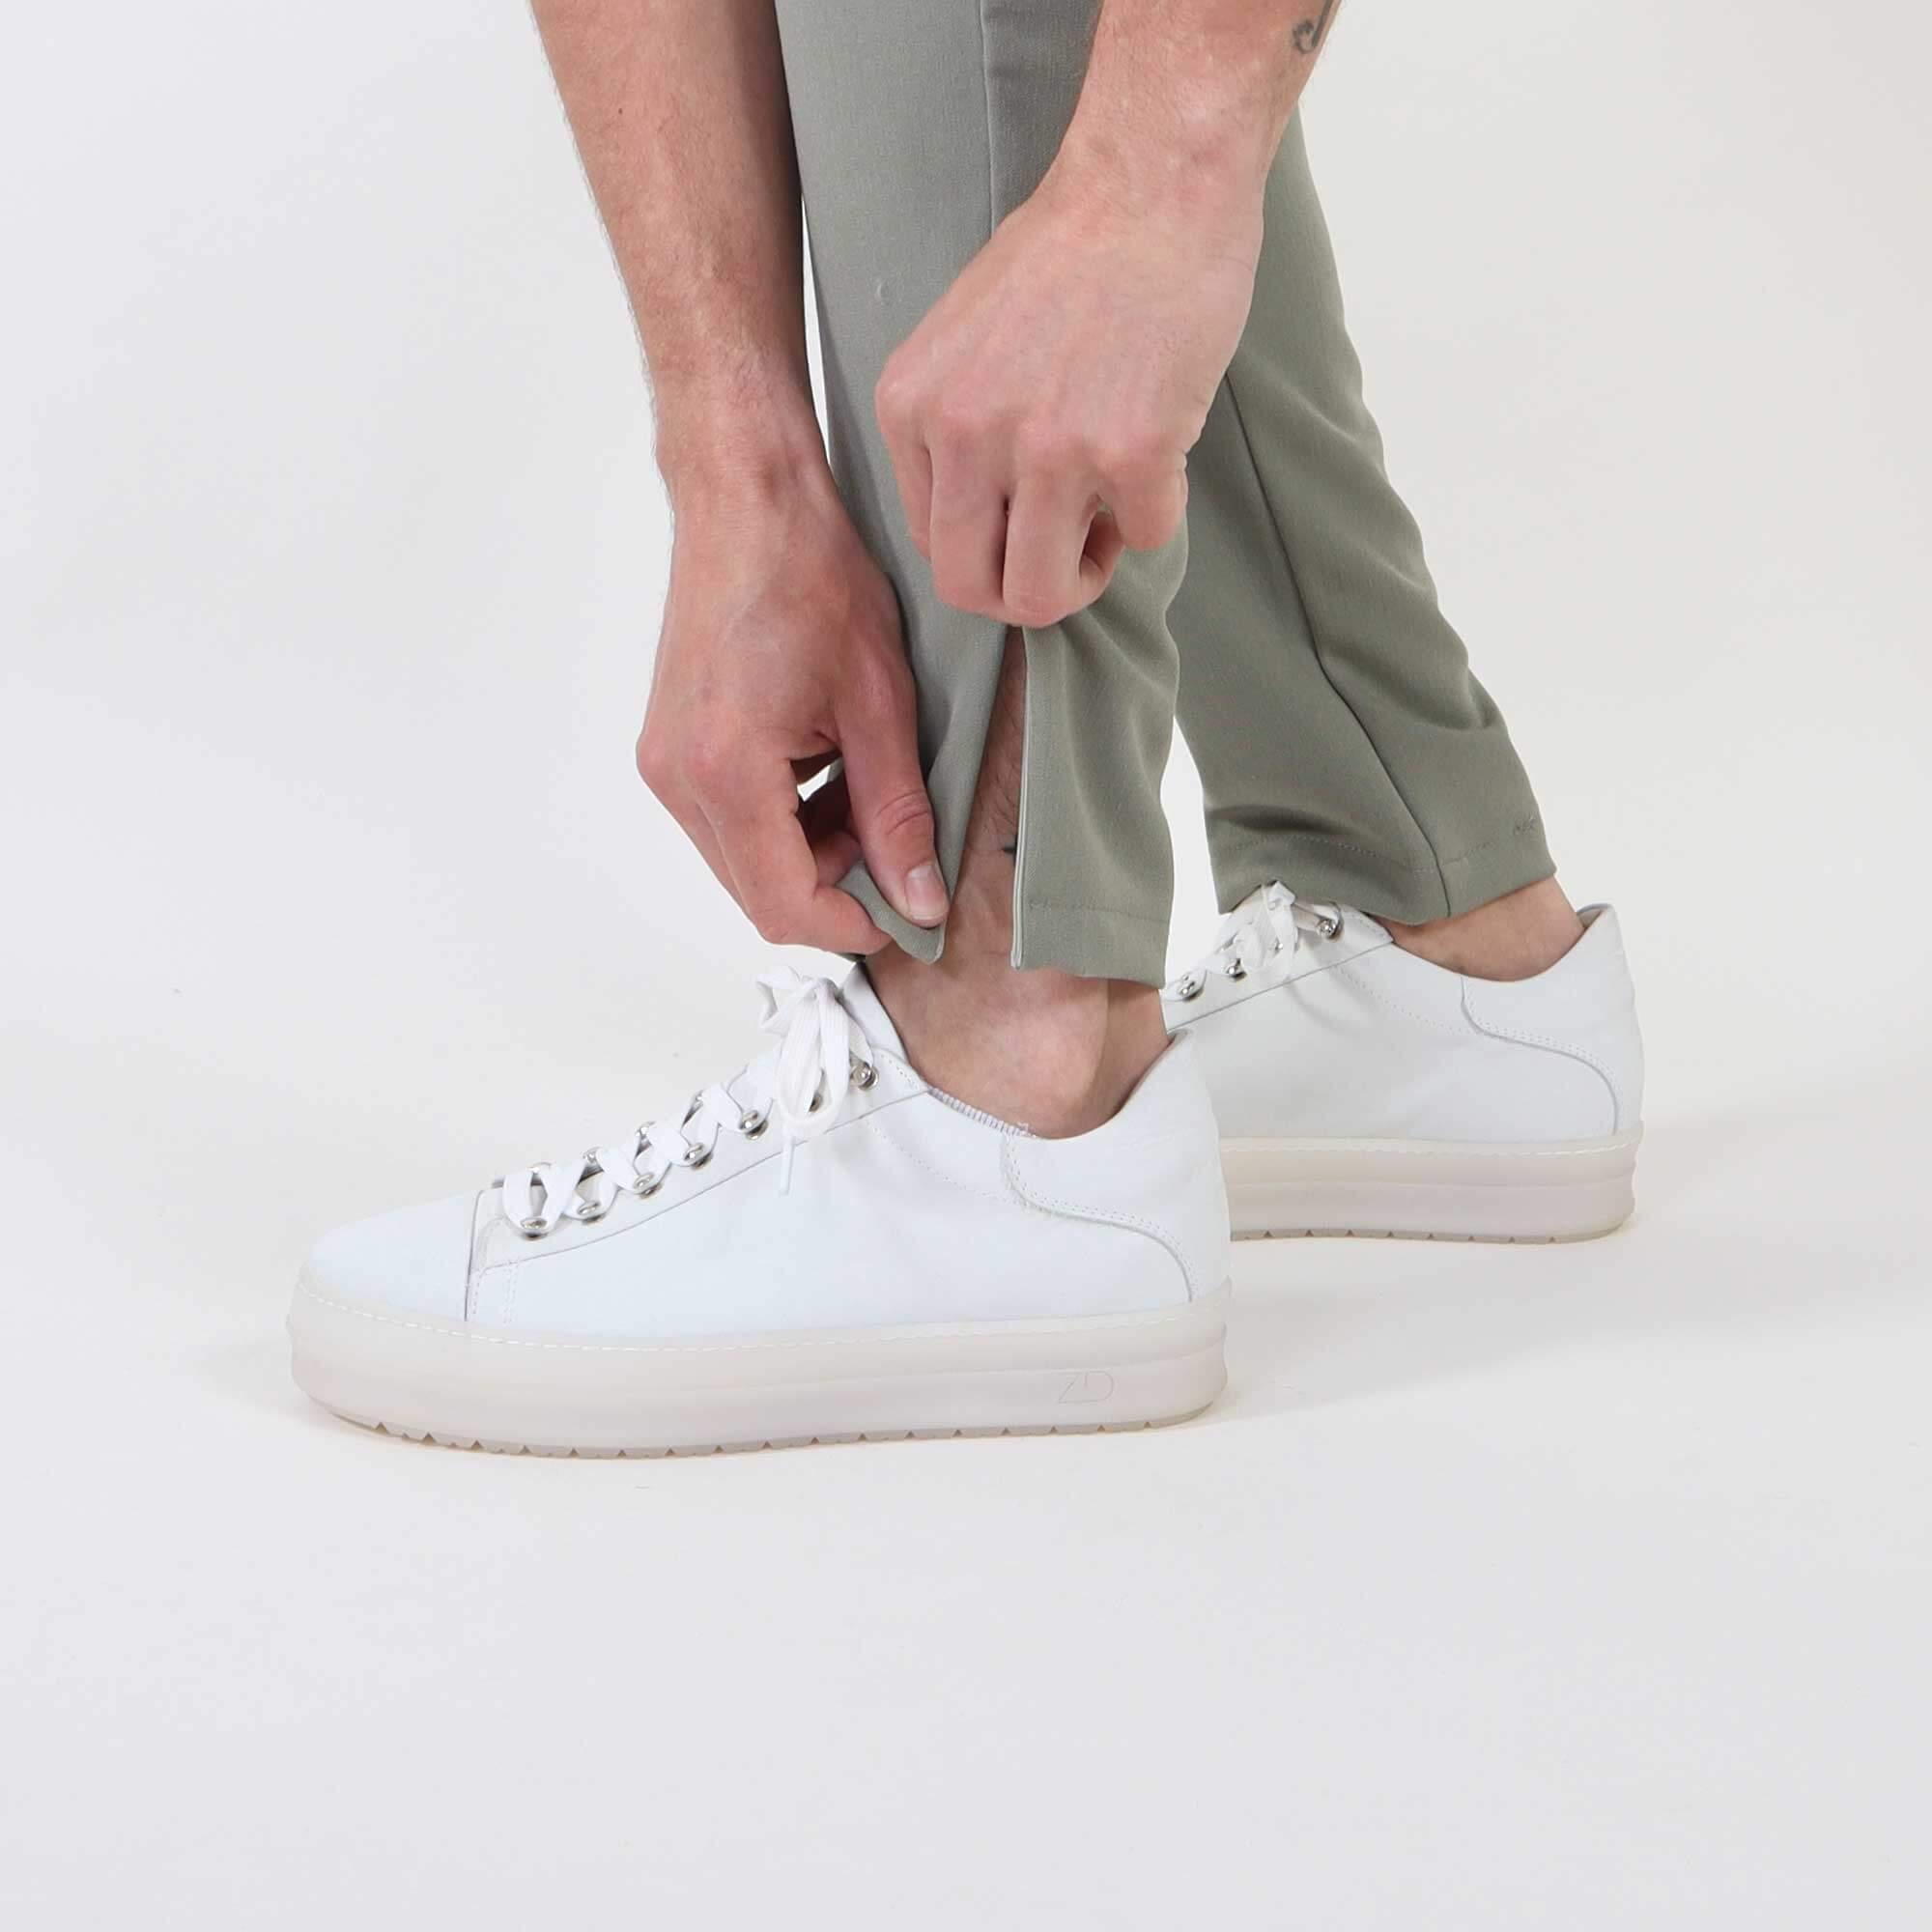 pantalon-groen-3